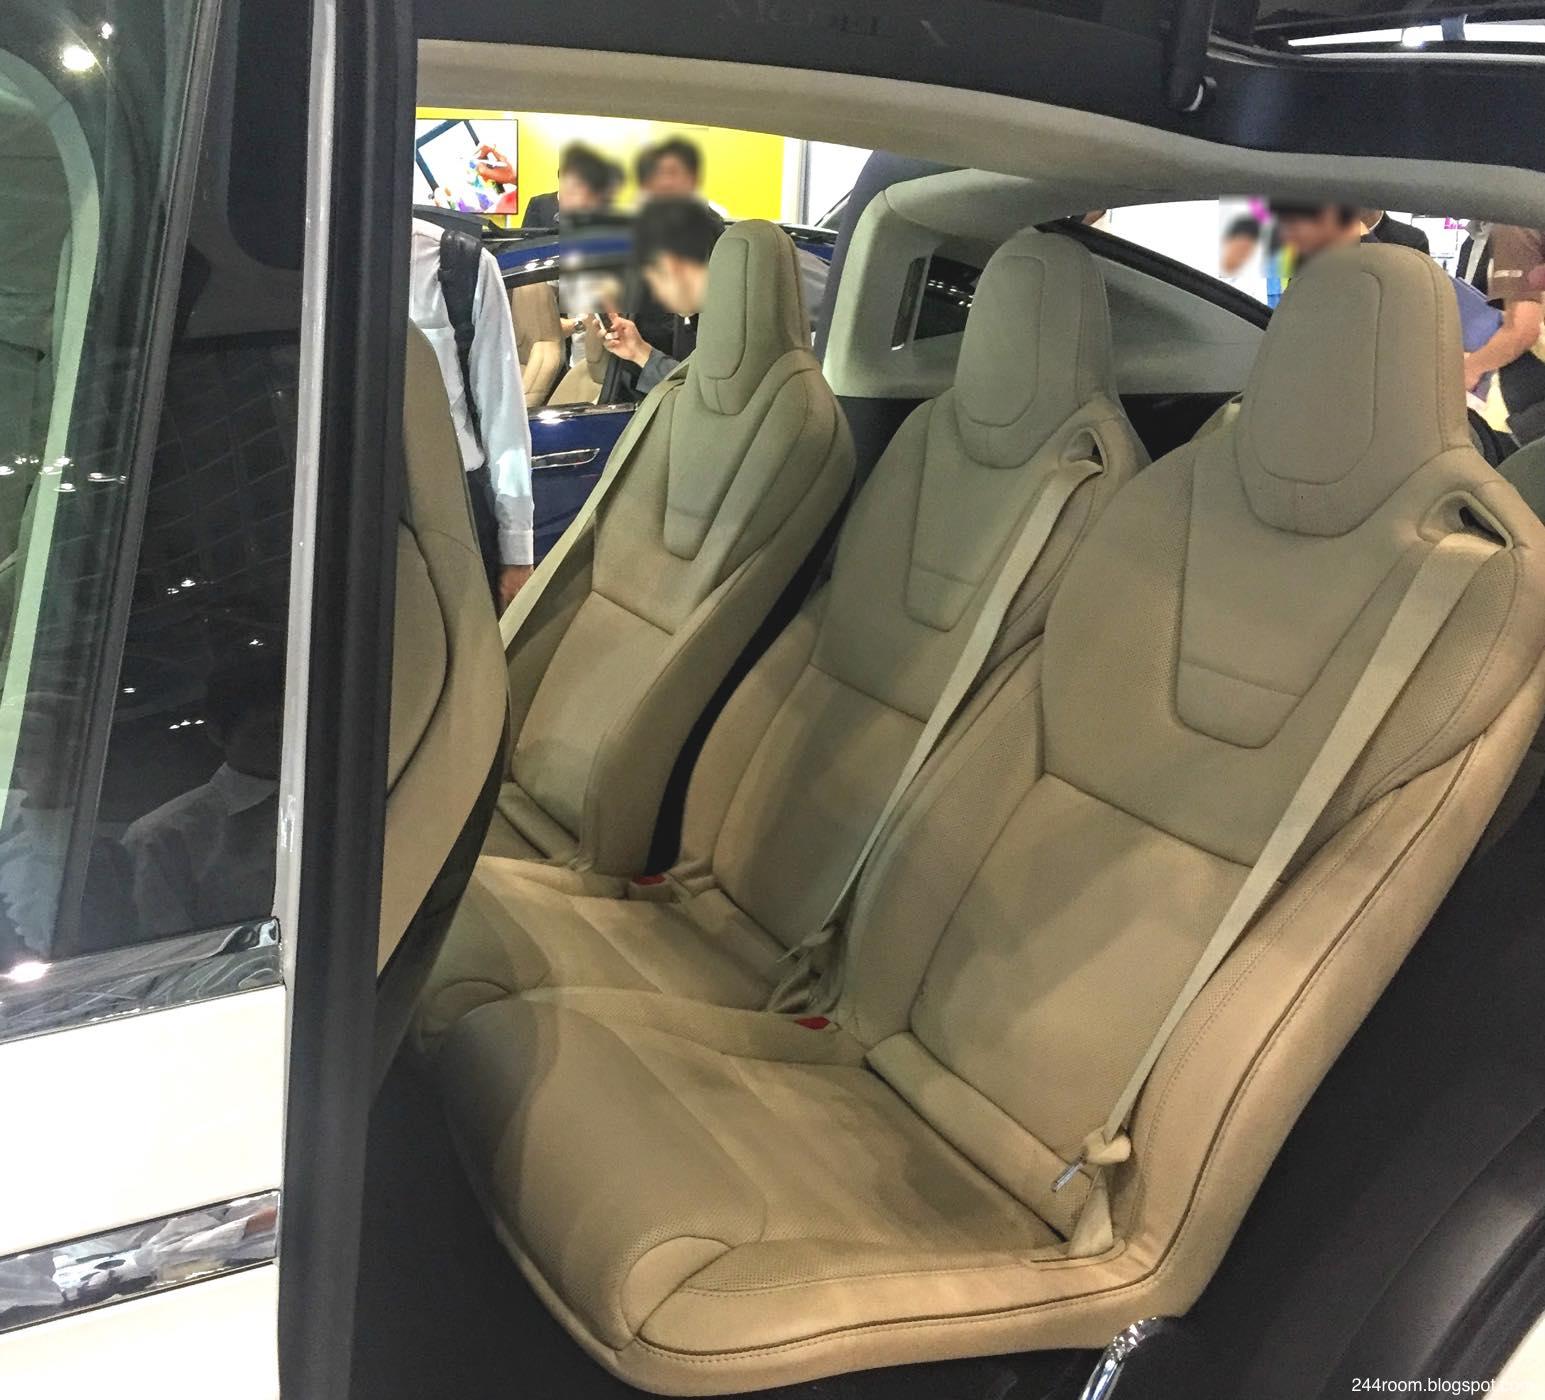 テスラモデルX座席 TESLA-ModelX-seat